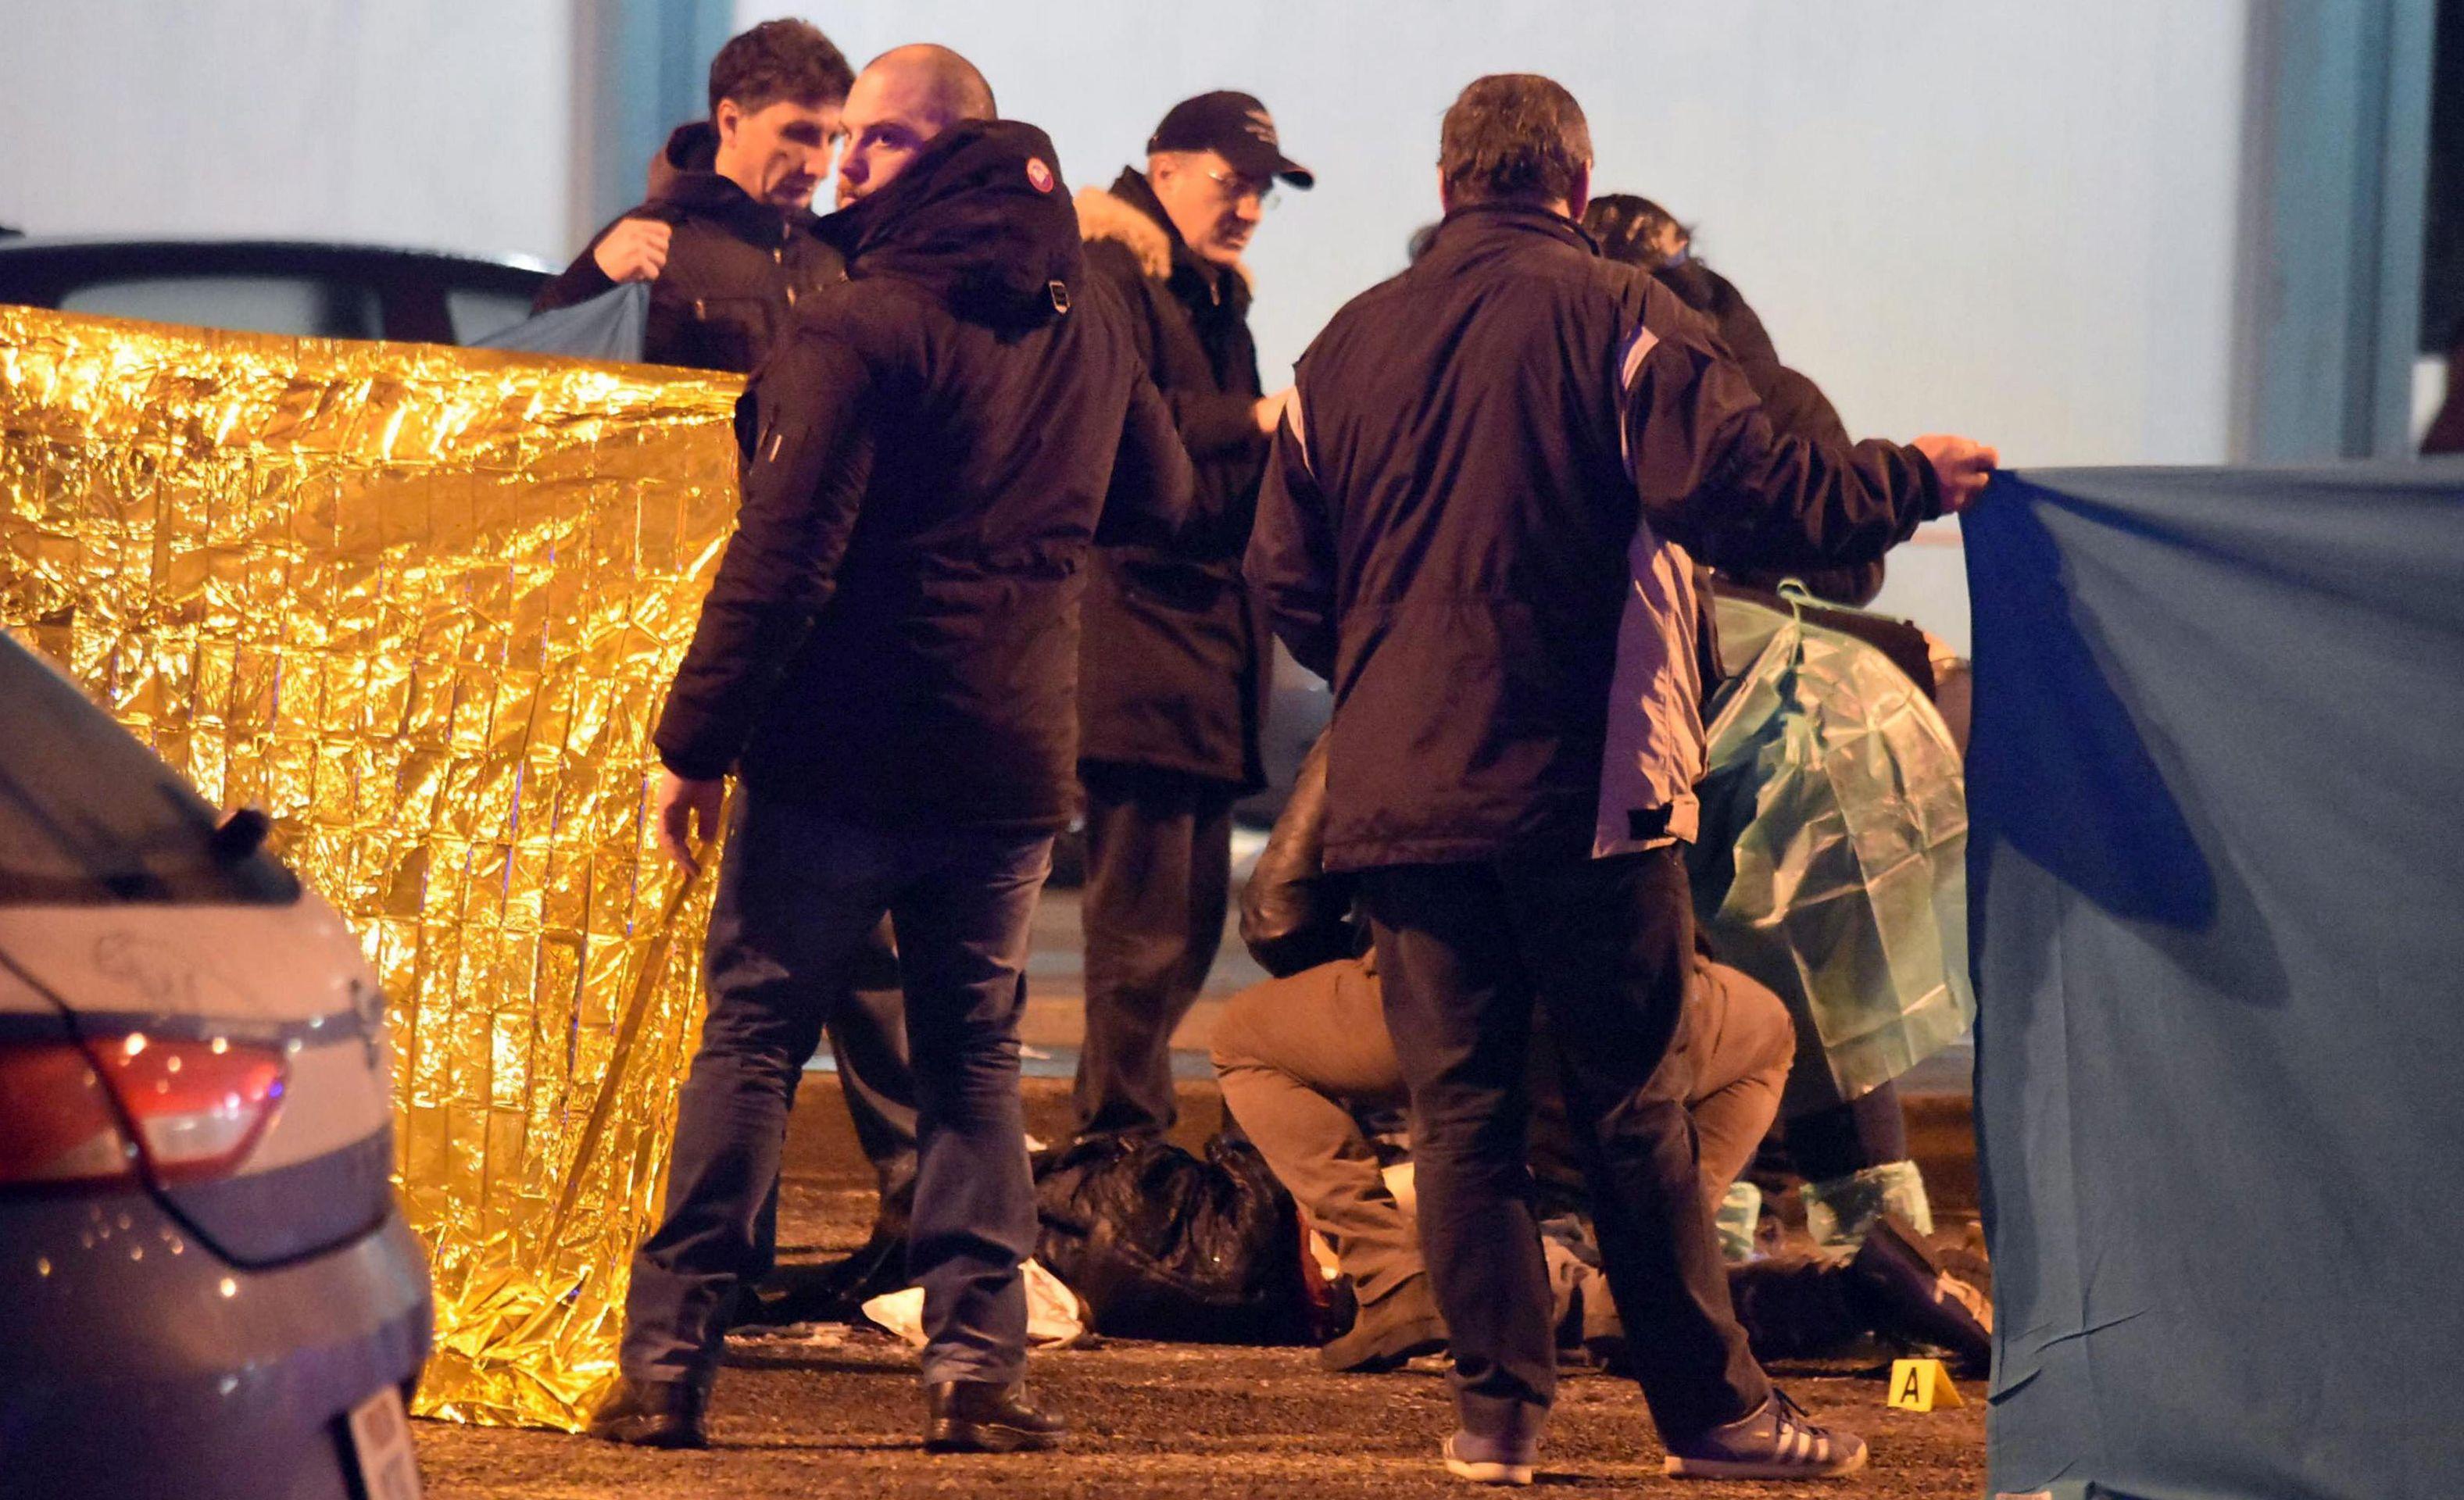 BERLIN Uhićen Tunižanin koji je pomogao teroristu Anisu Amriju da izvede napad kamionom